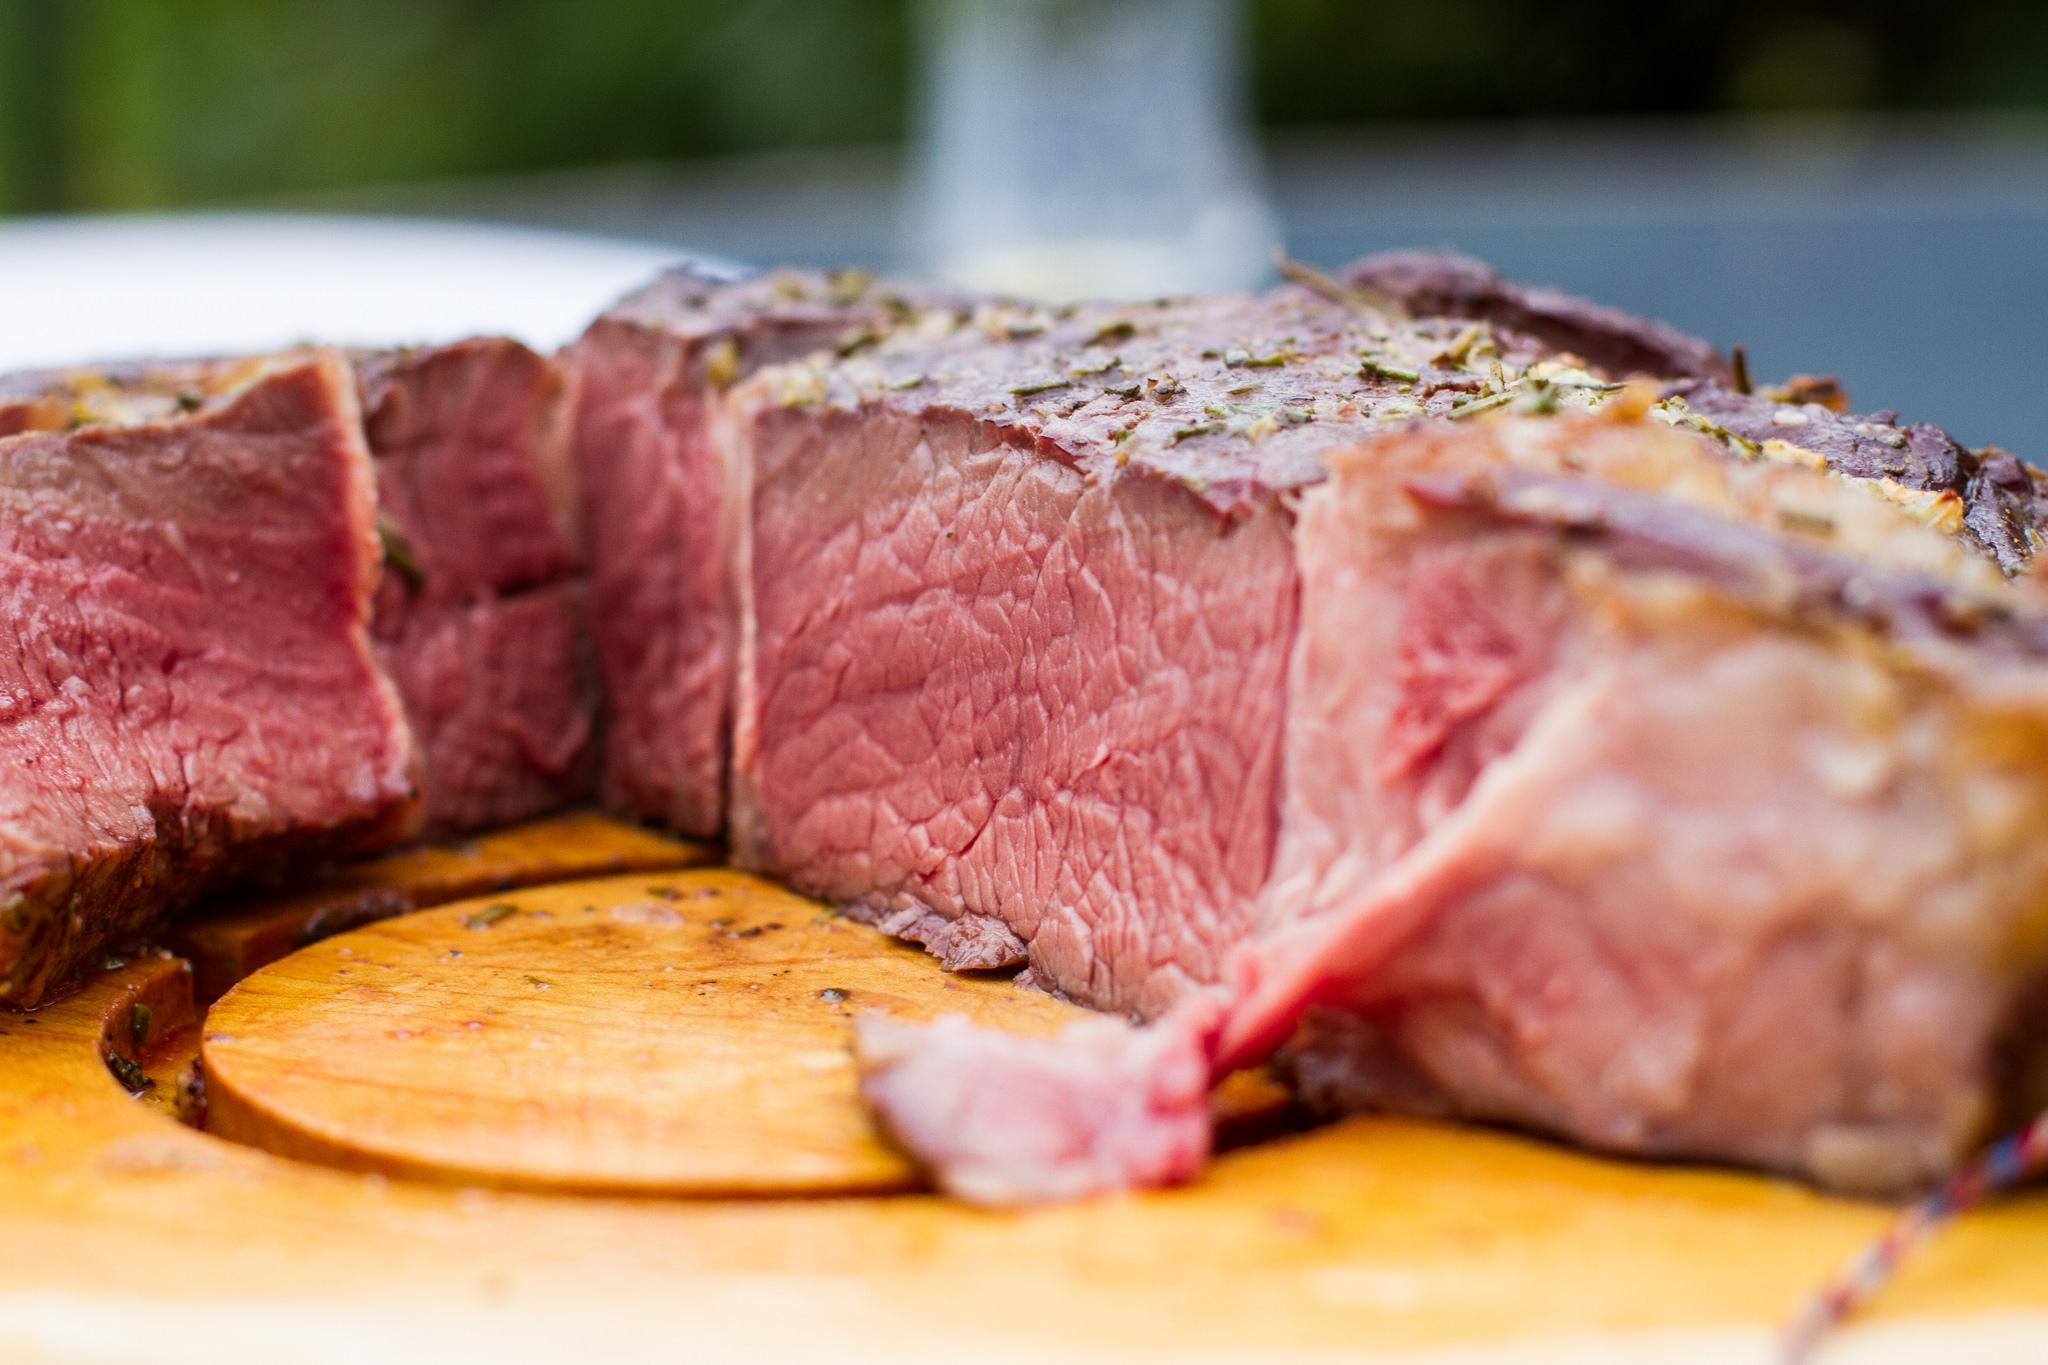 Medium Rare Steak.jpg